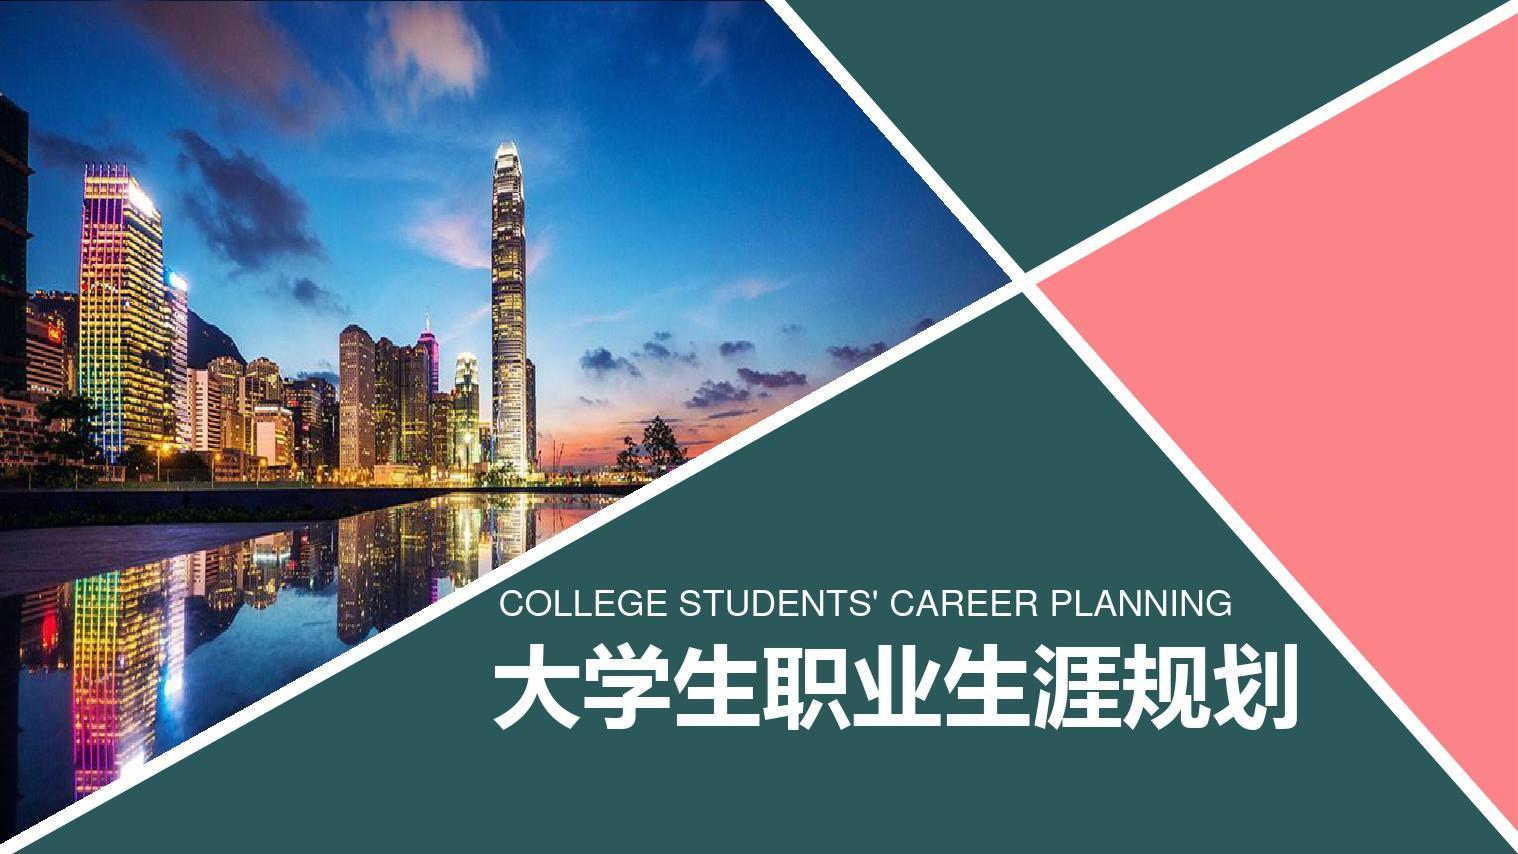 2018年应届大学生职业生涯规划ppt模板素材 (26)图片